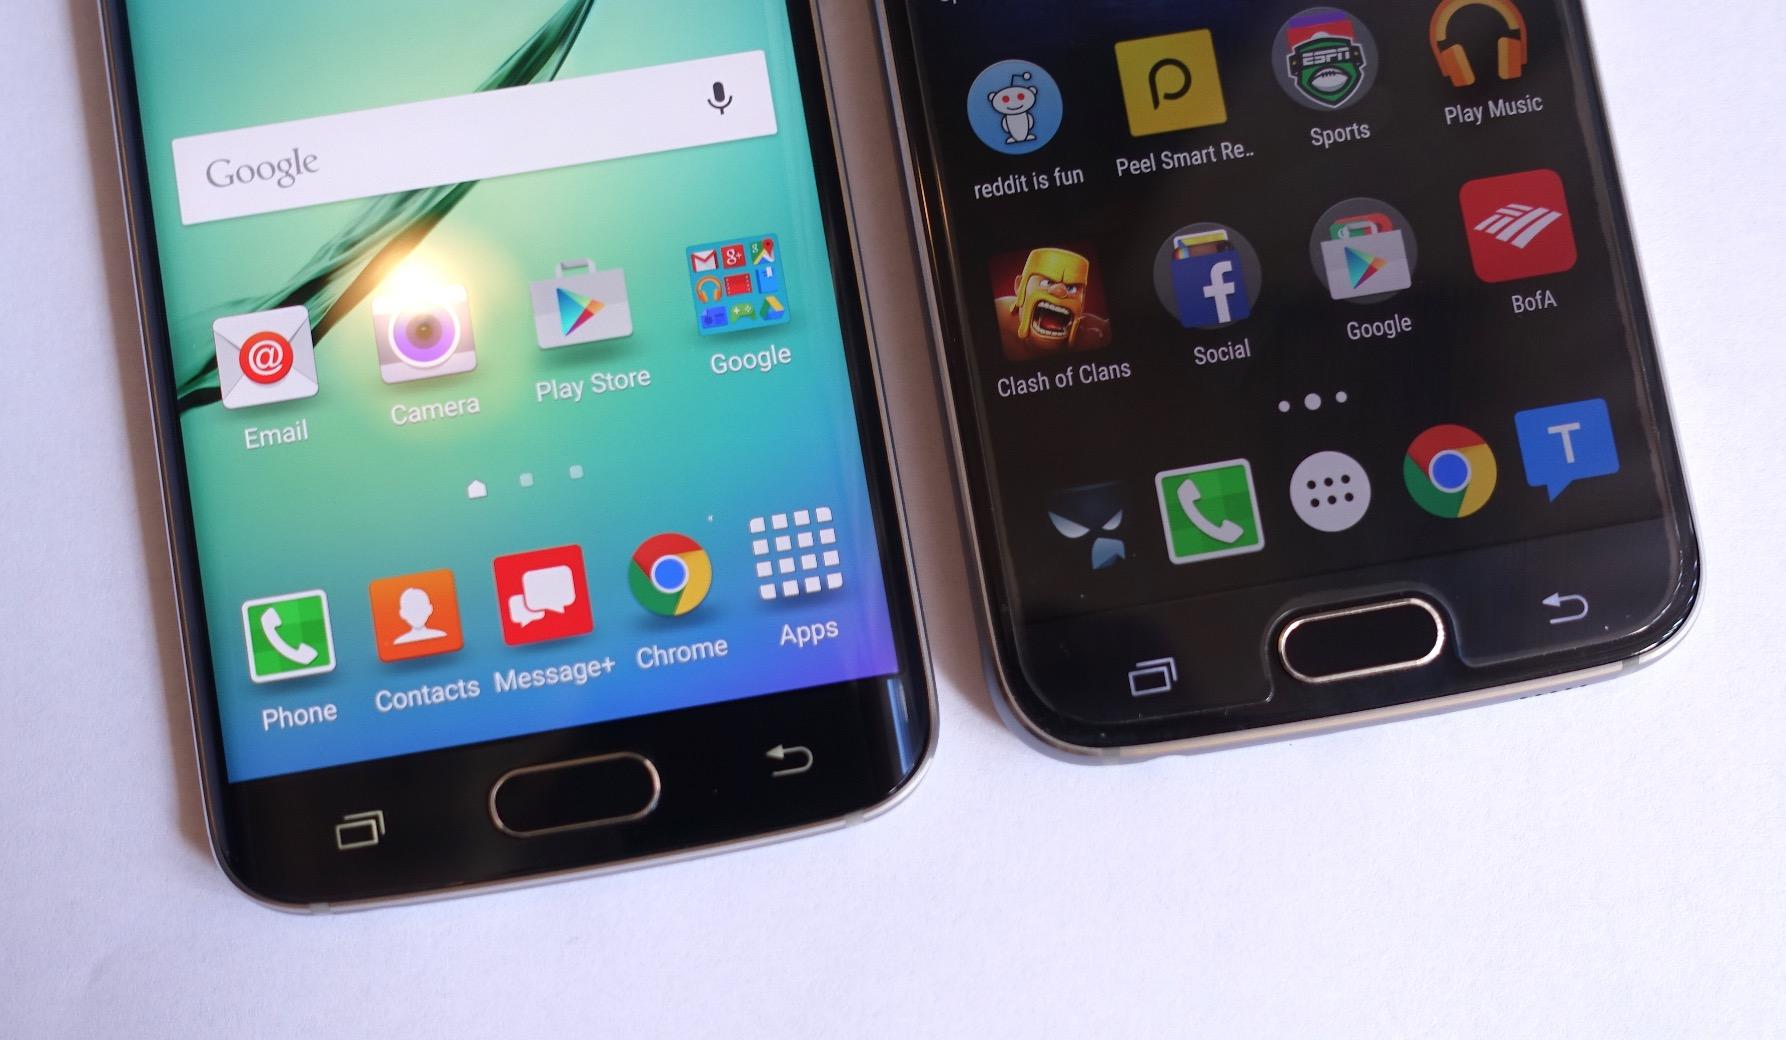 Galaxy-S6 knappljus